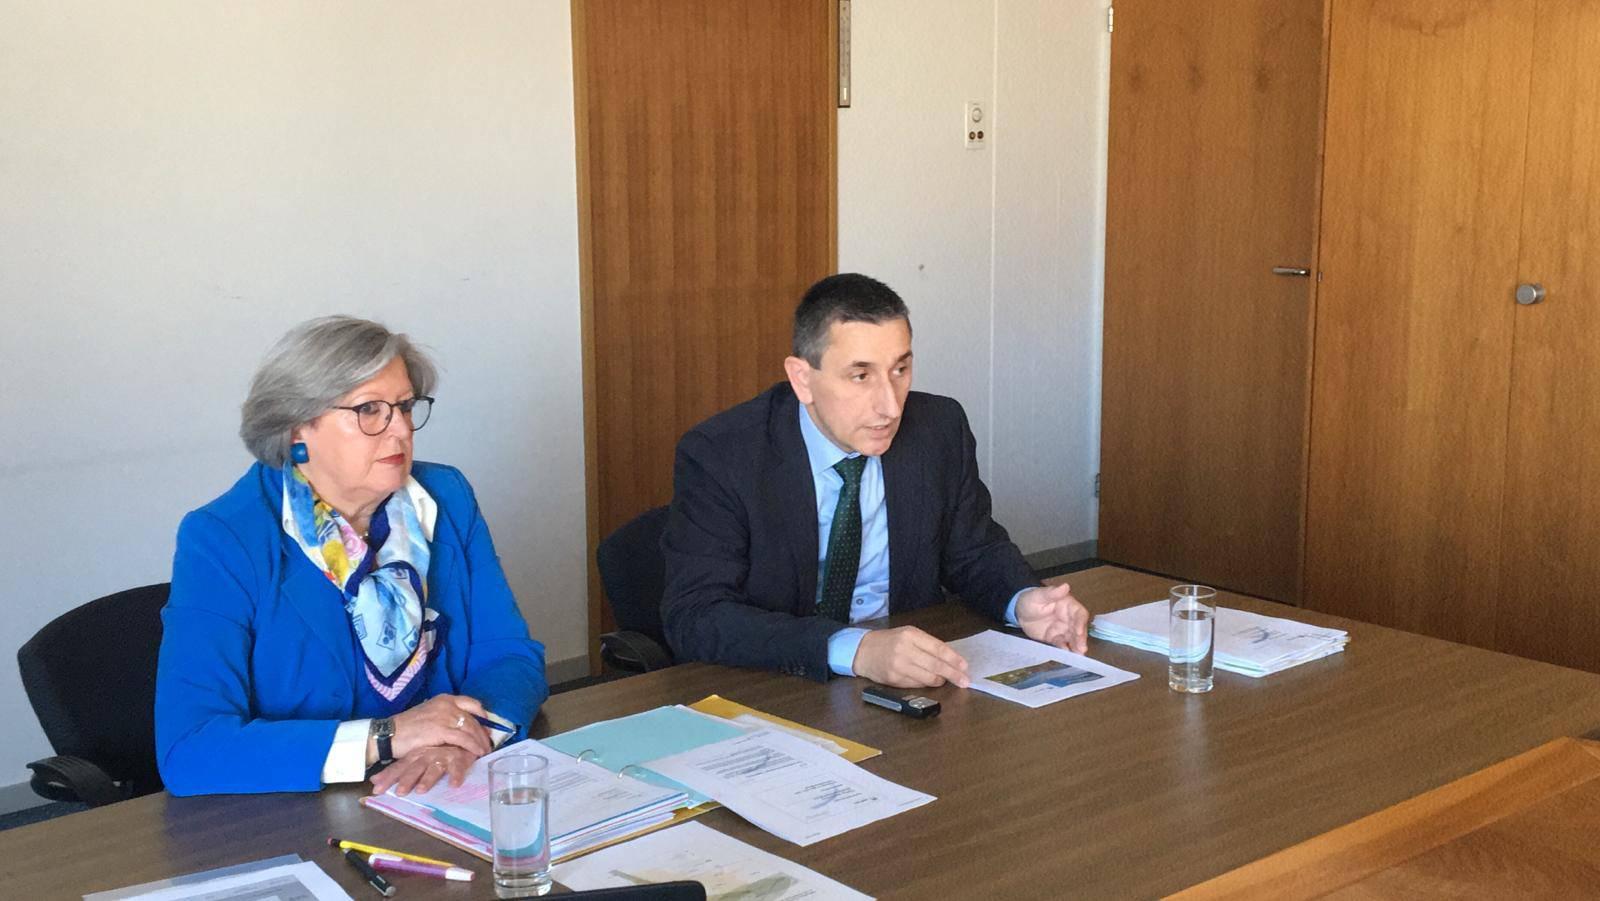 Monika Merki Frey, Expertin für Lösungen im Gesundheitswesen, und Alois Gunzenreiner, Gemeindepräsident von Wattwil, präsentieren ihre Lösung.